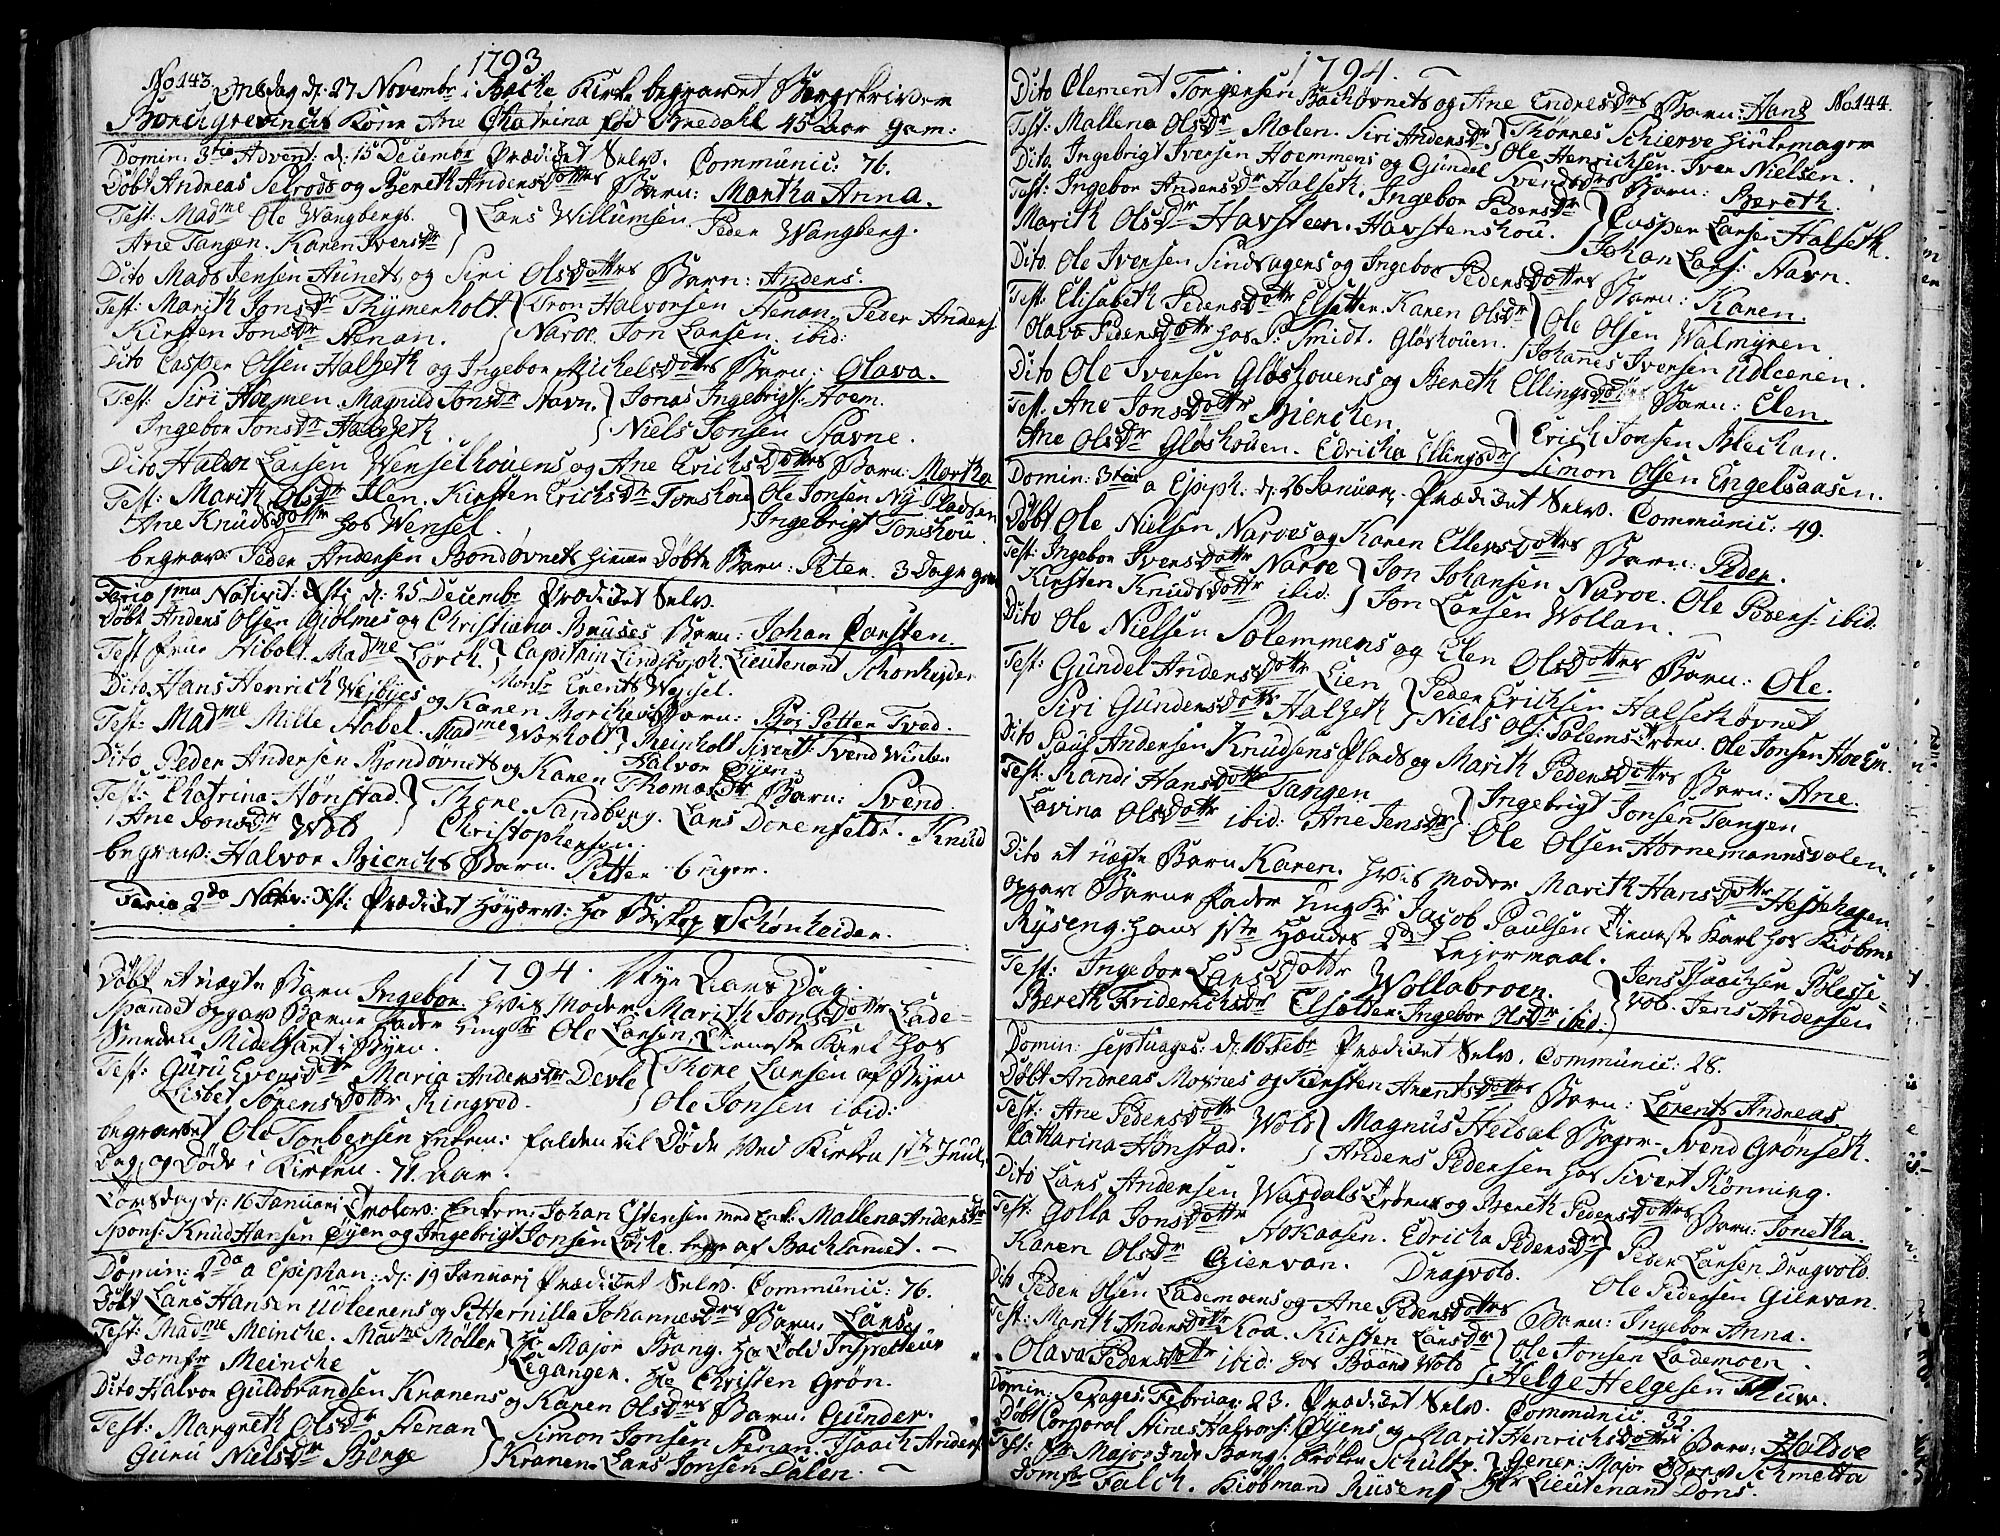 SAT, Ministerialprotokoller, klokkerbøker og fødselsregistre - Sør-Trøndelag, 604/L0180: Ministerialbok nr. 604A01, 1780-1797, s. 143-144